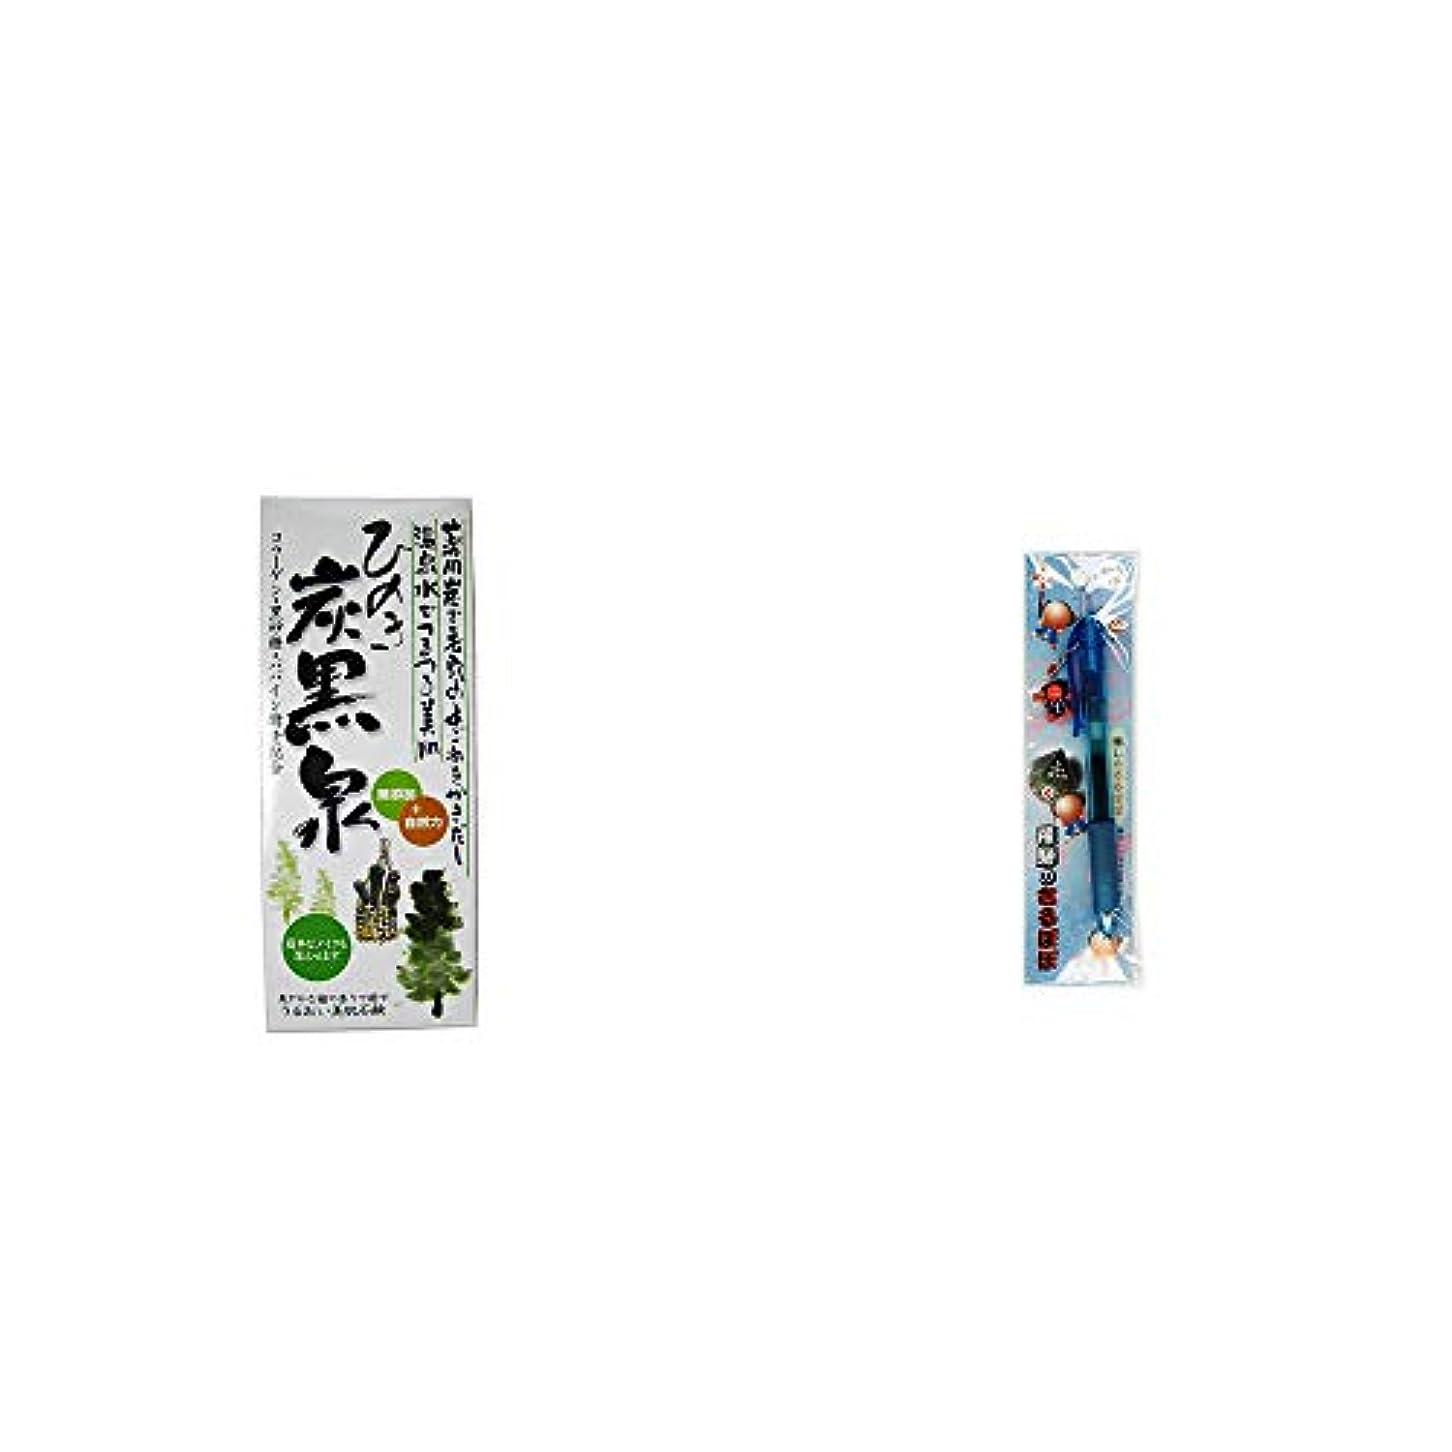 選挙郵便局本会議[2点セット] ひのき炭黒泉 箱入り(75g×3)?さるぼぼ 癒しボールペン 【ブルー】